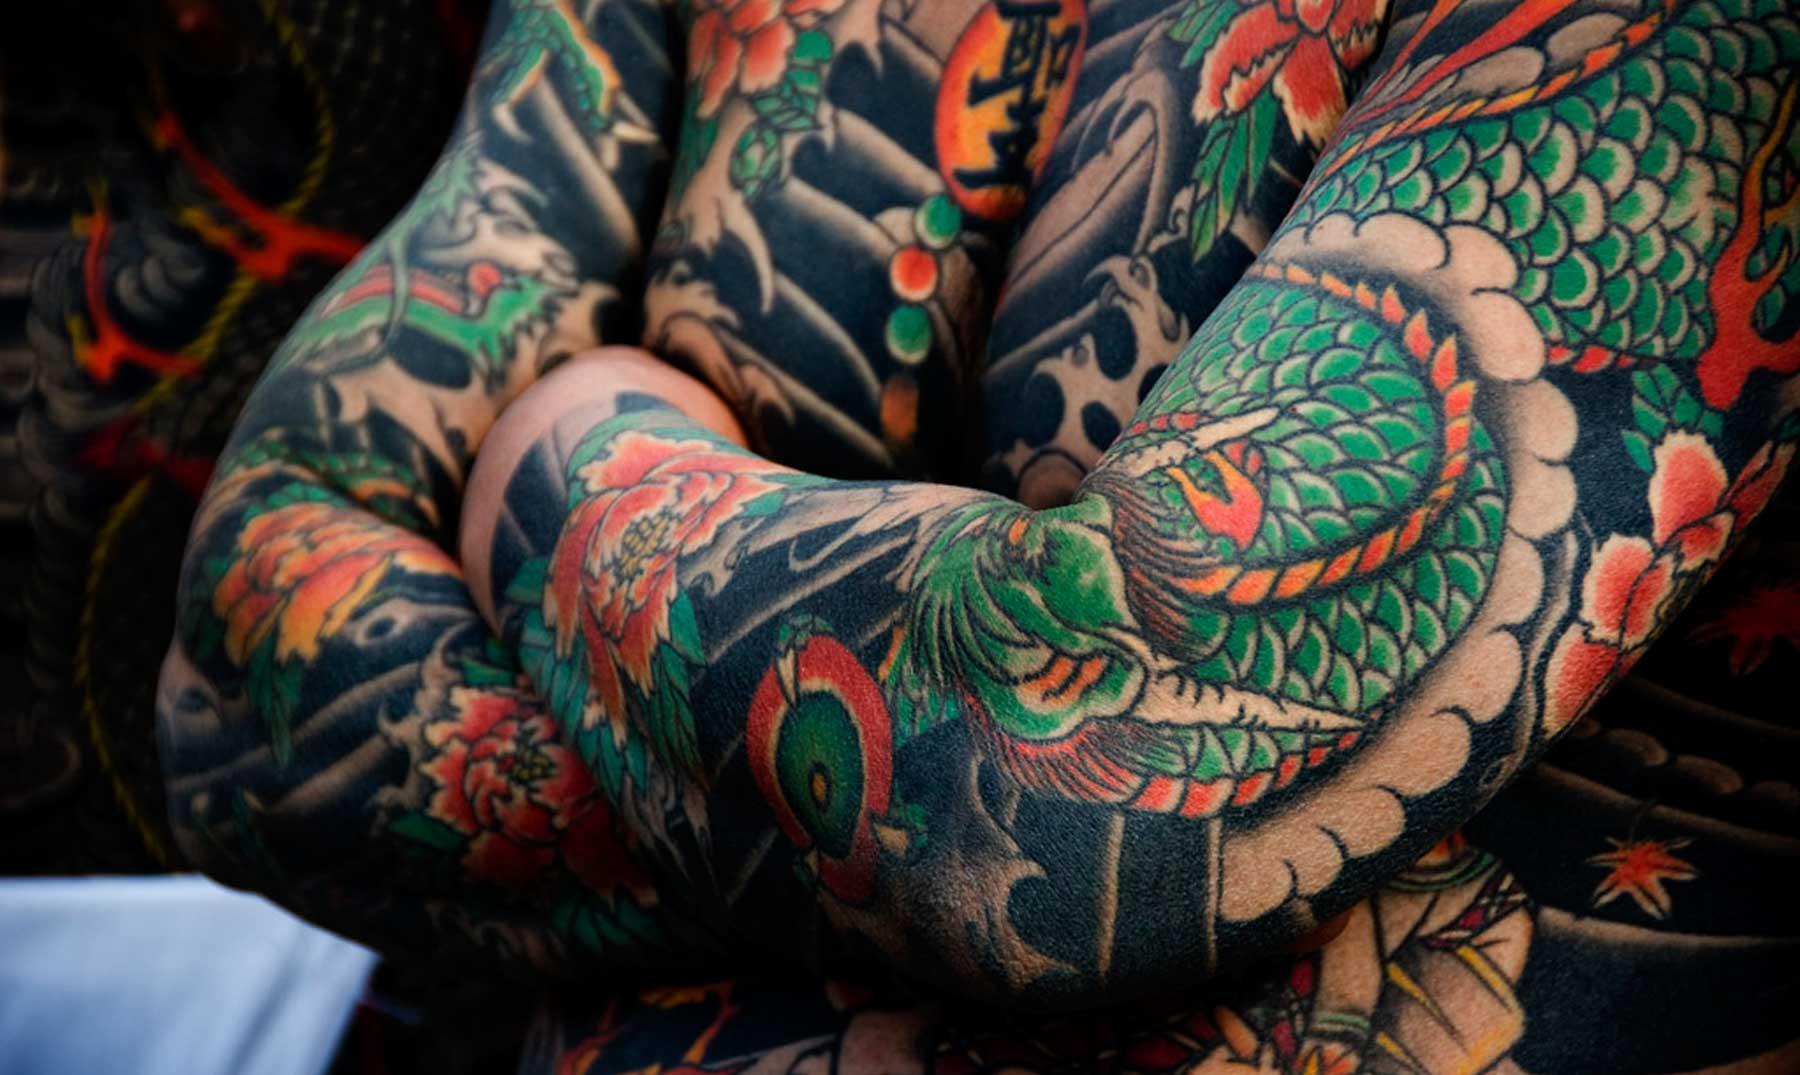 Tatuajes Japoneses 12 Disenos Espectaculares Para Hacerte 2019